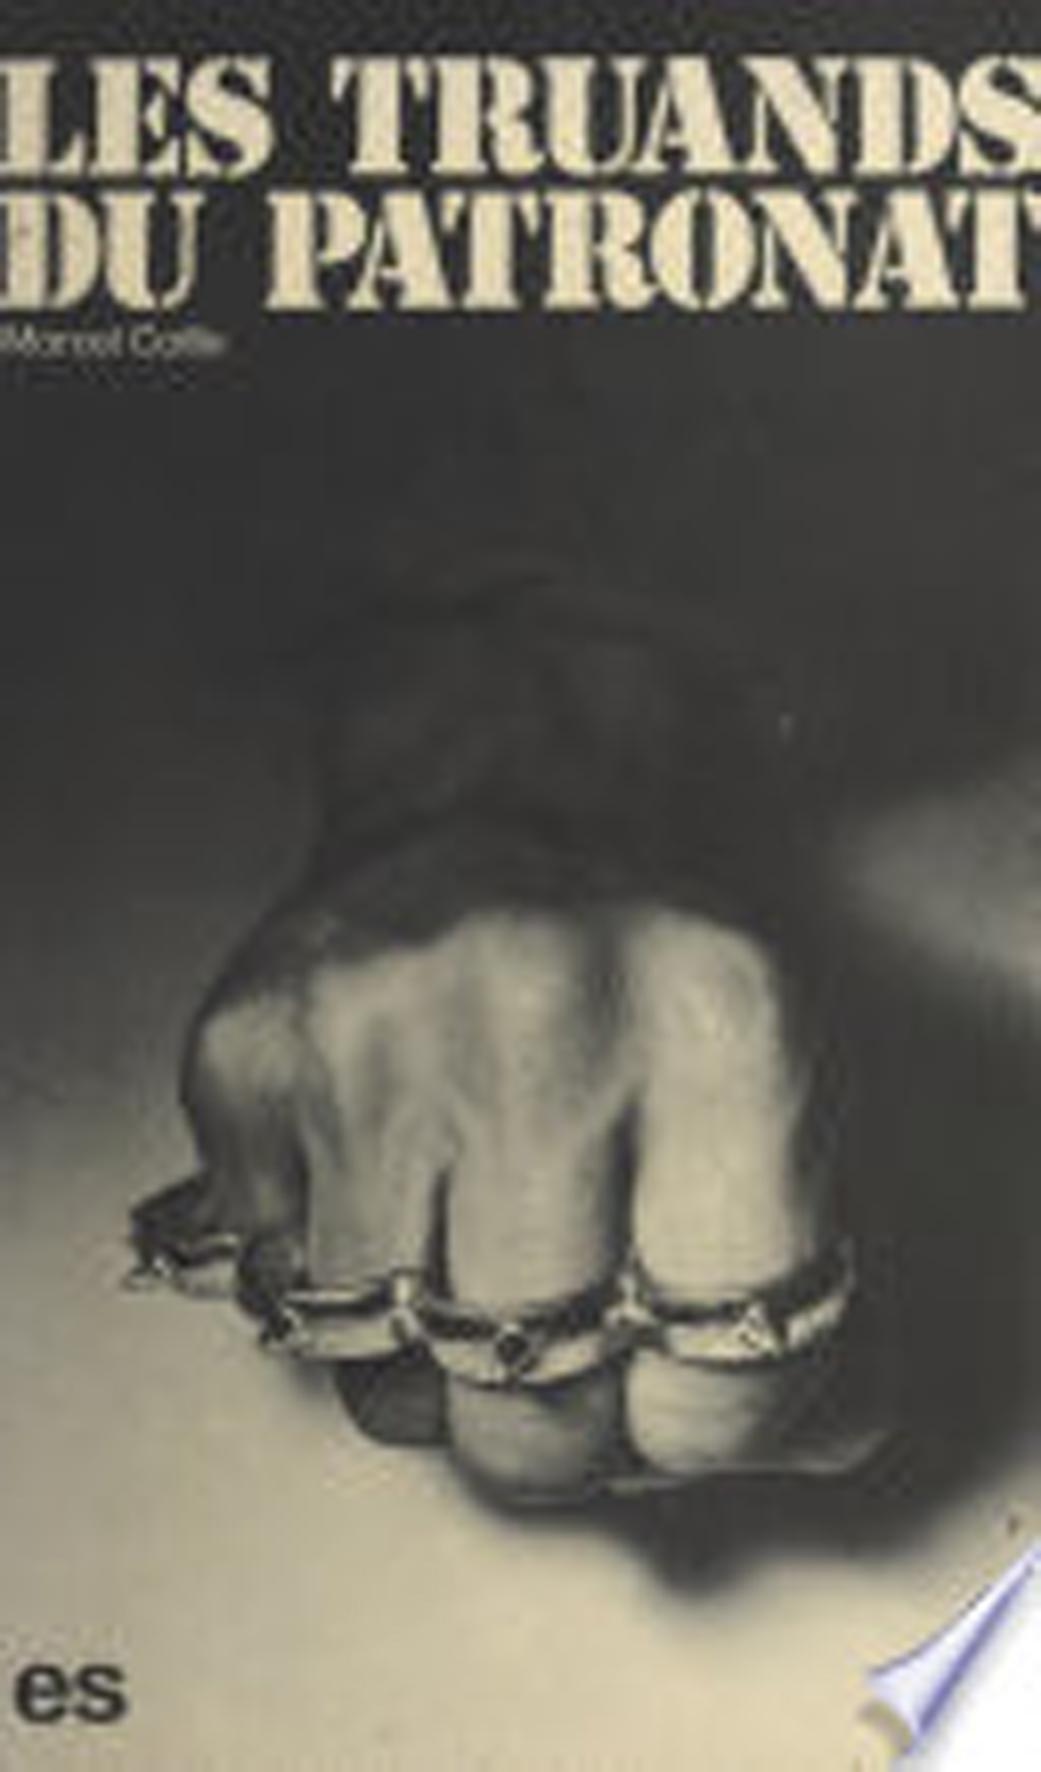 1977 Les truands du patronat